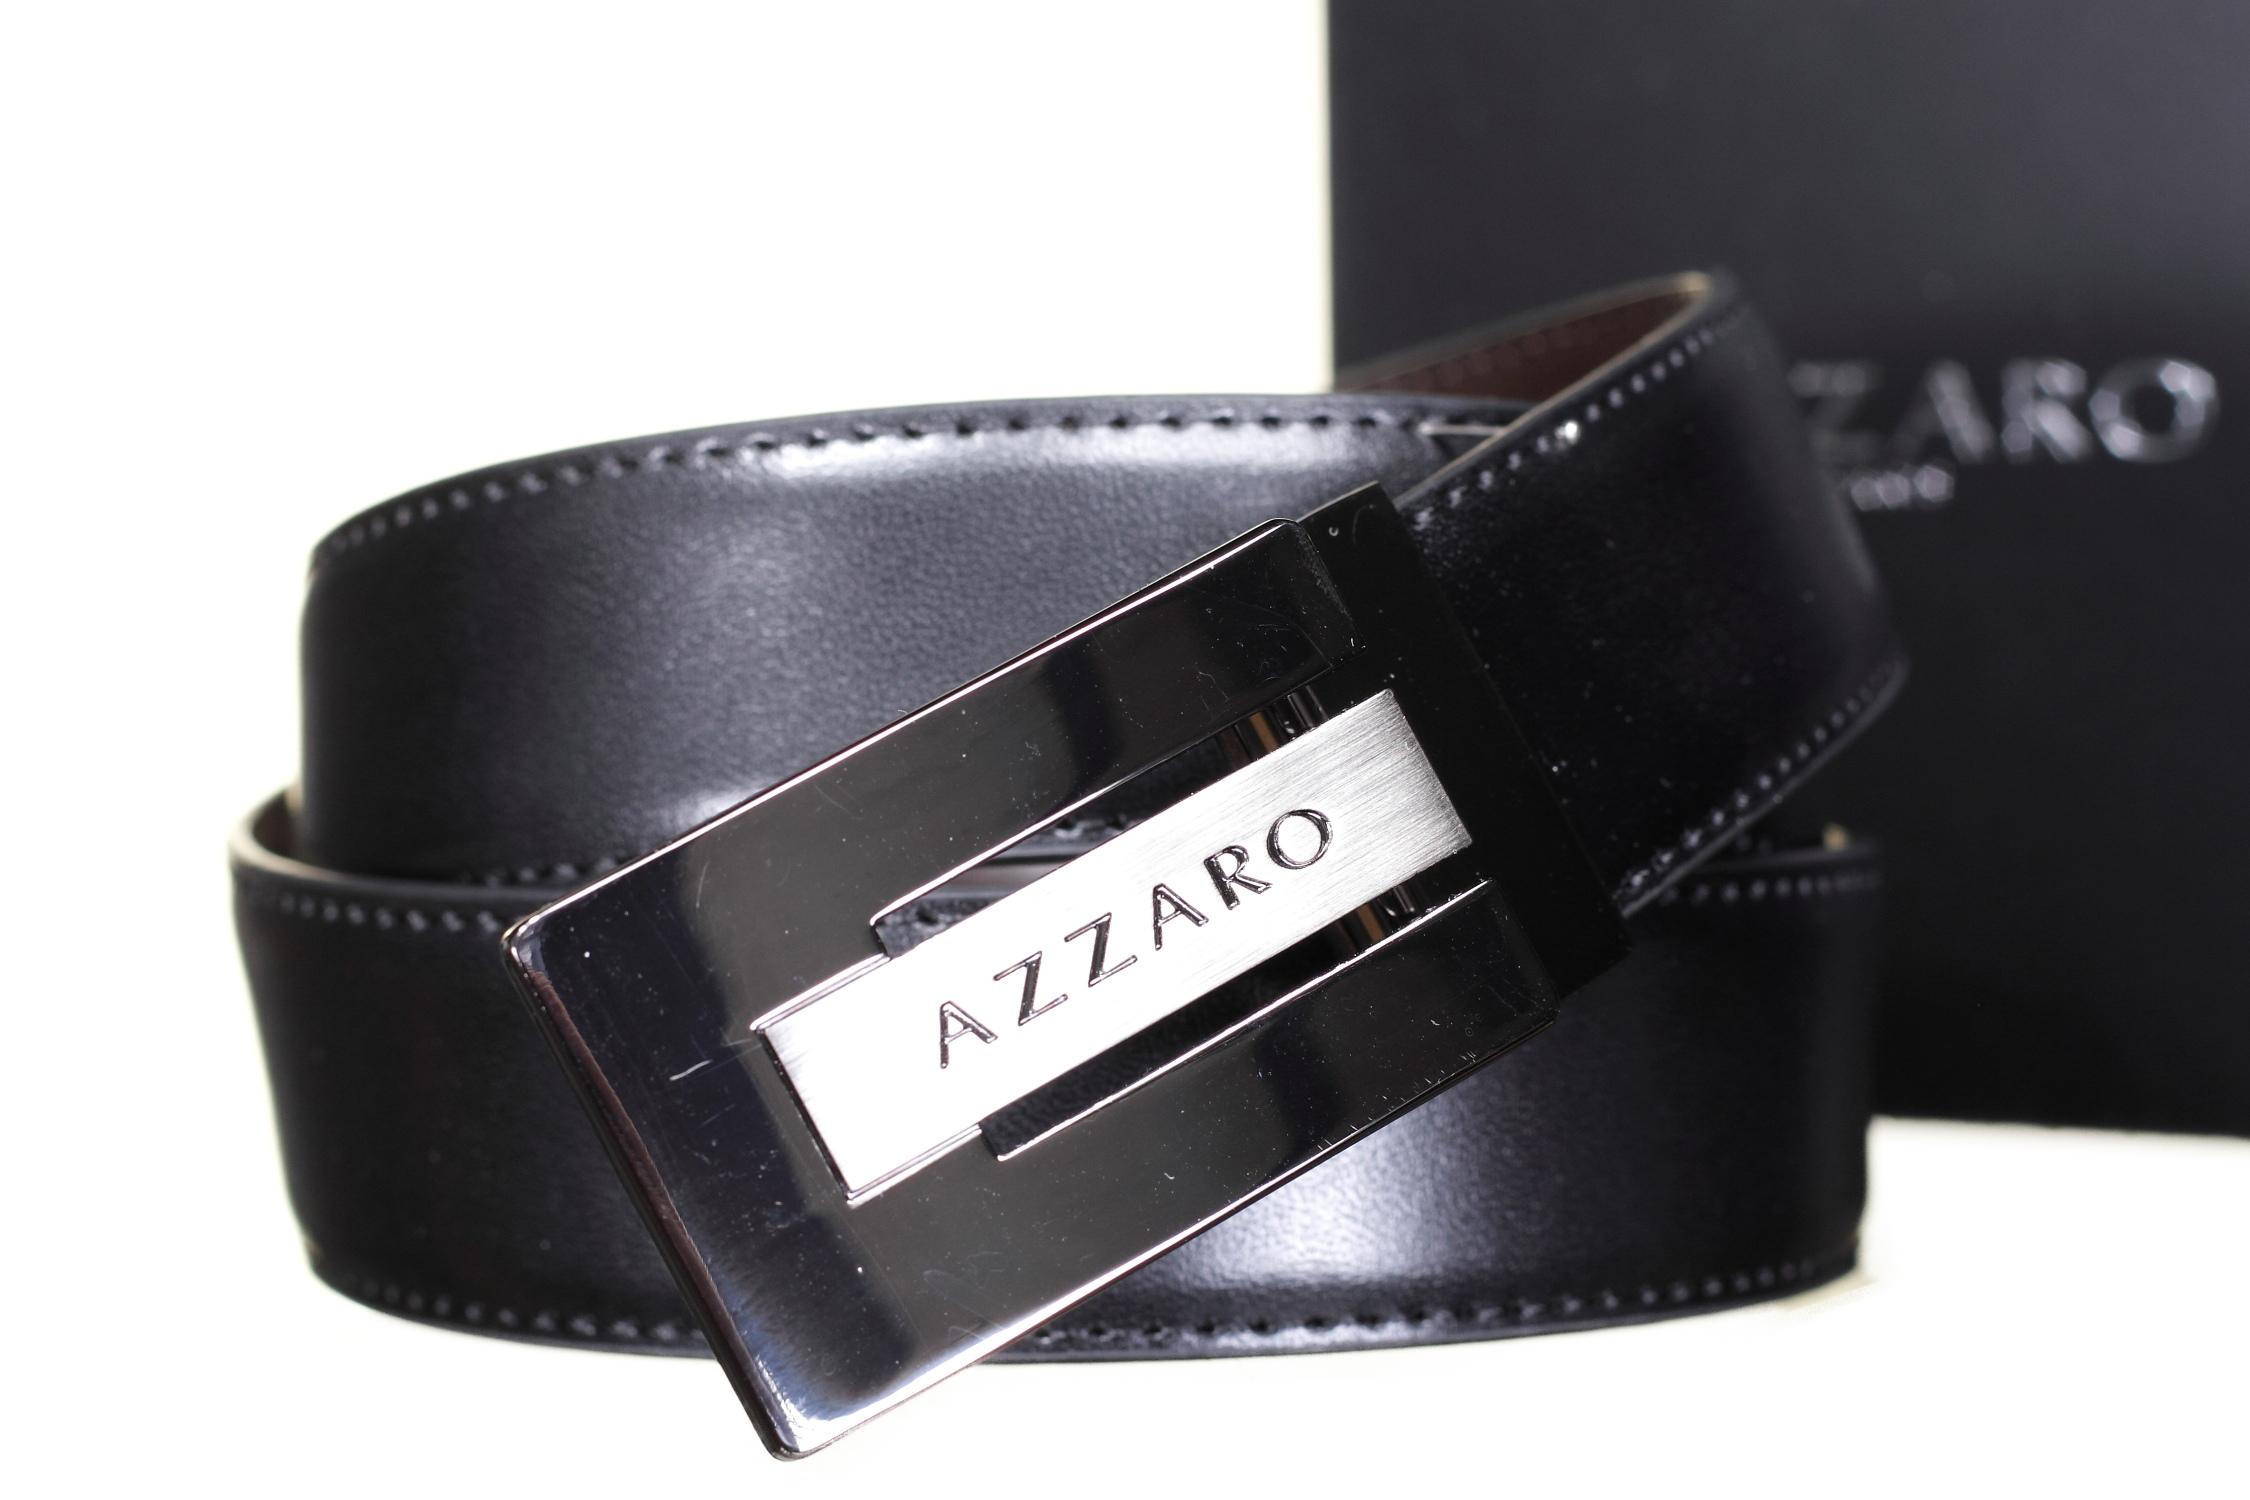 http://www.leadermode.com/90190/azzaro-21171-reversible-noir-marron.jpg